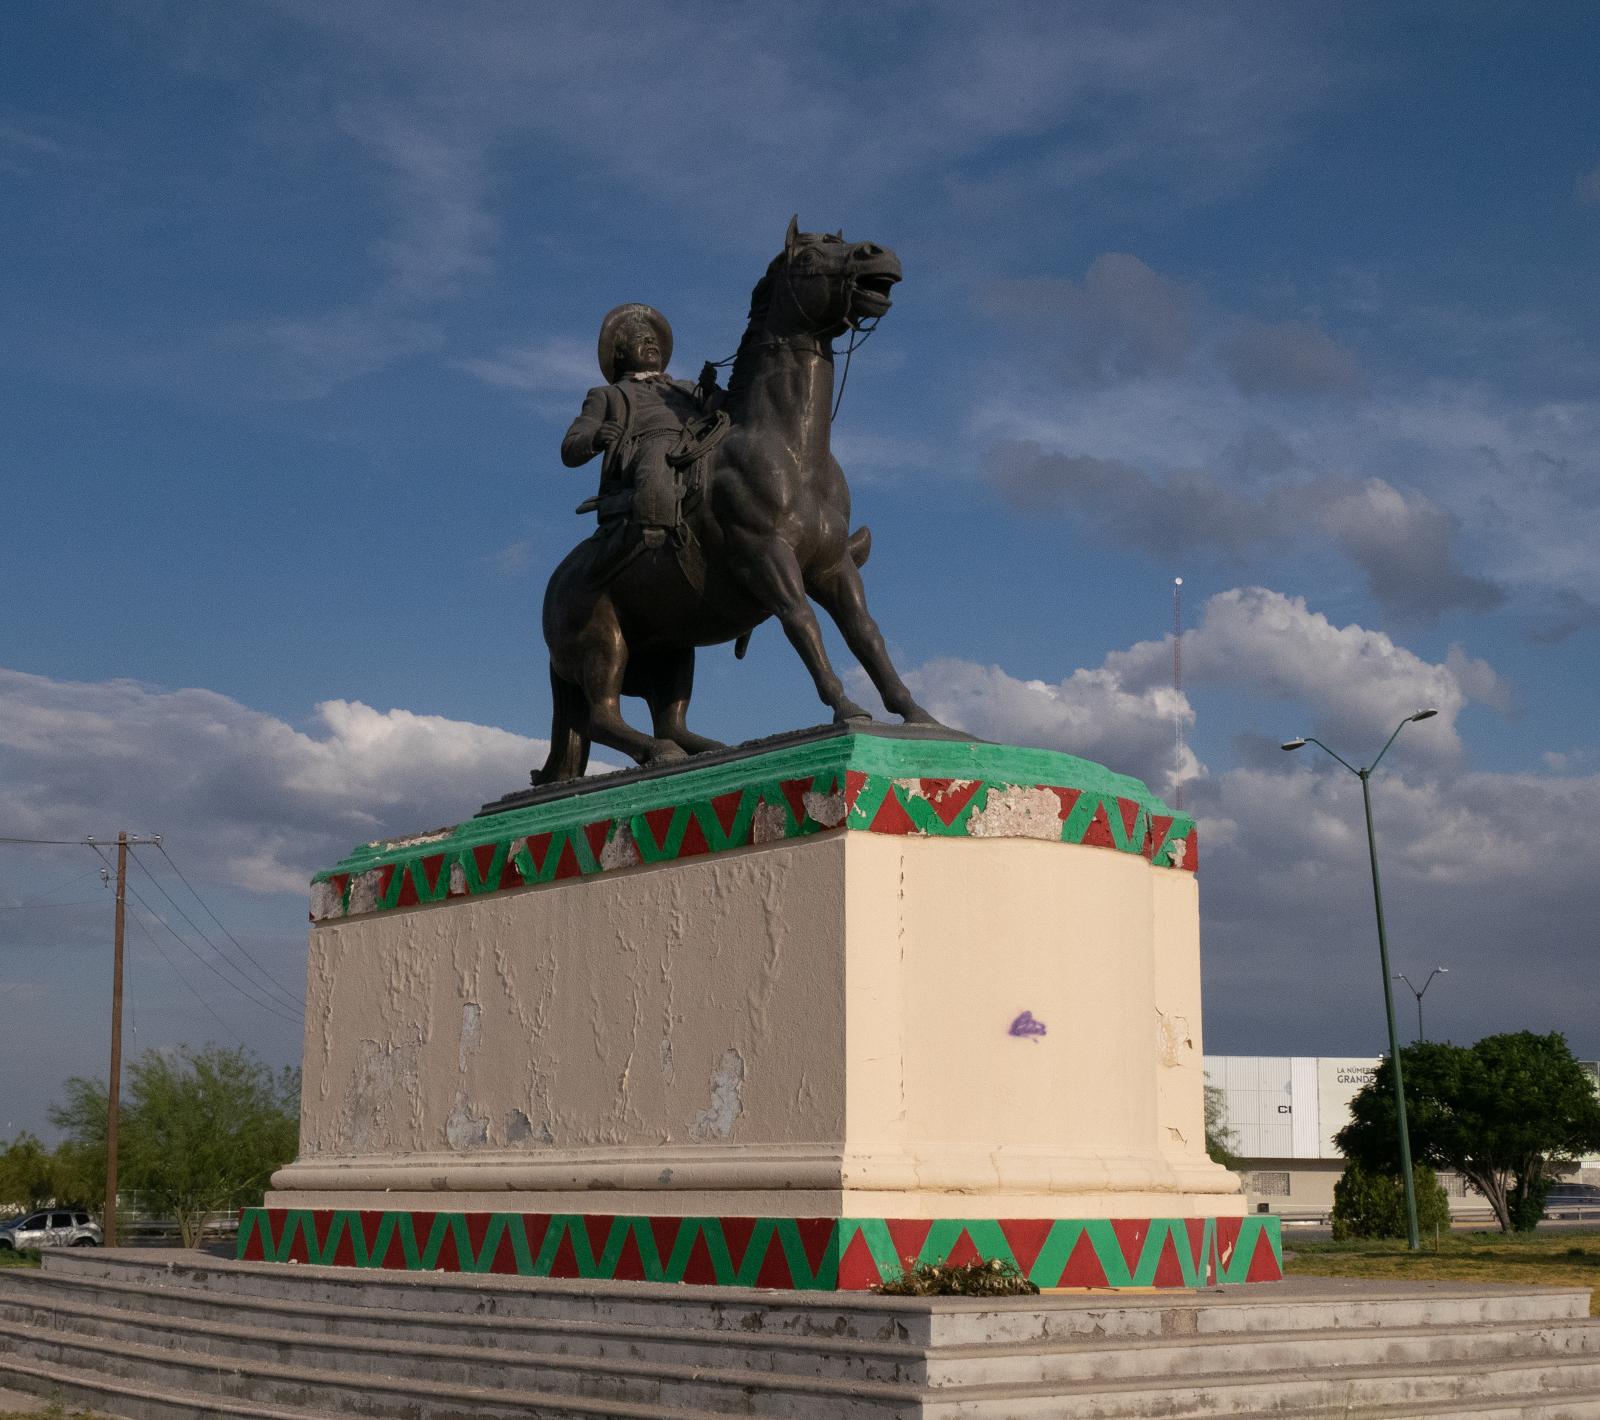 Heroic equestrian statue of Pancho Villa in Ciudad Juárez.